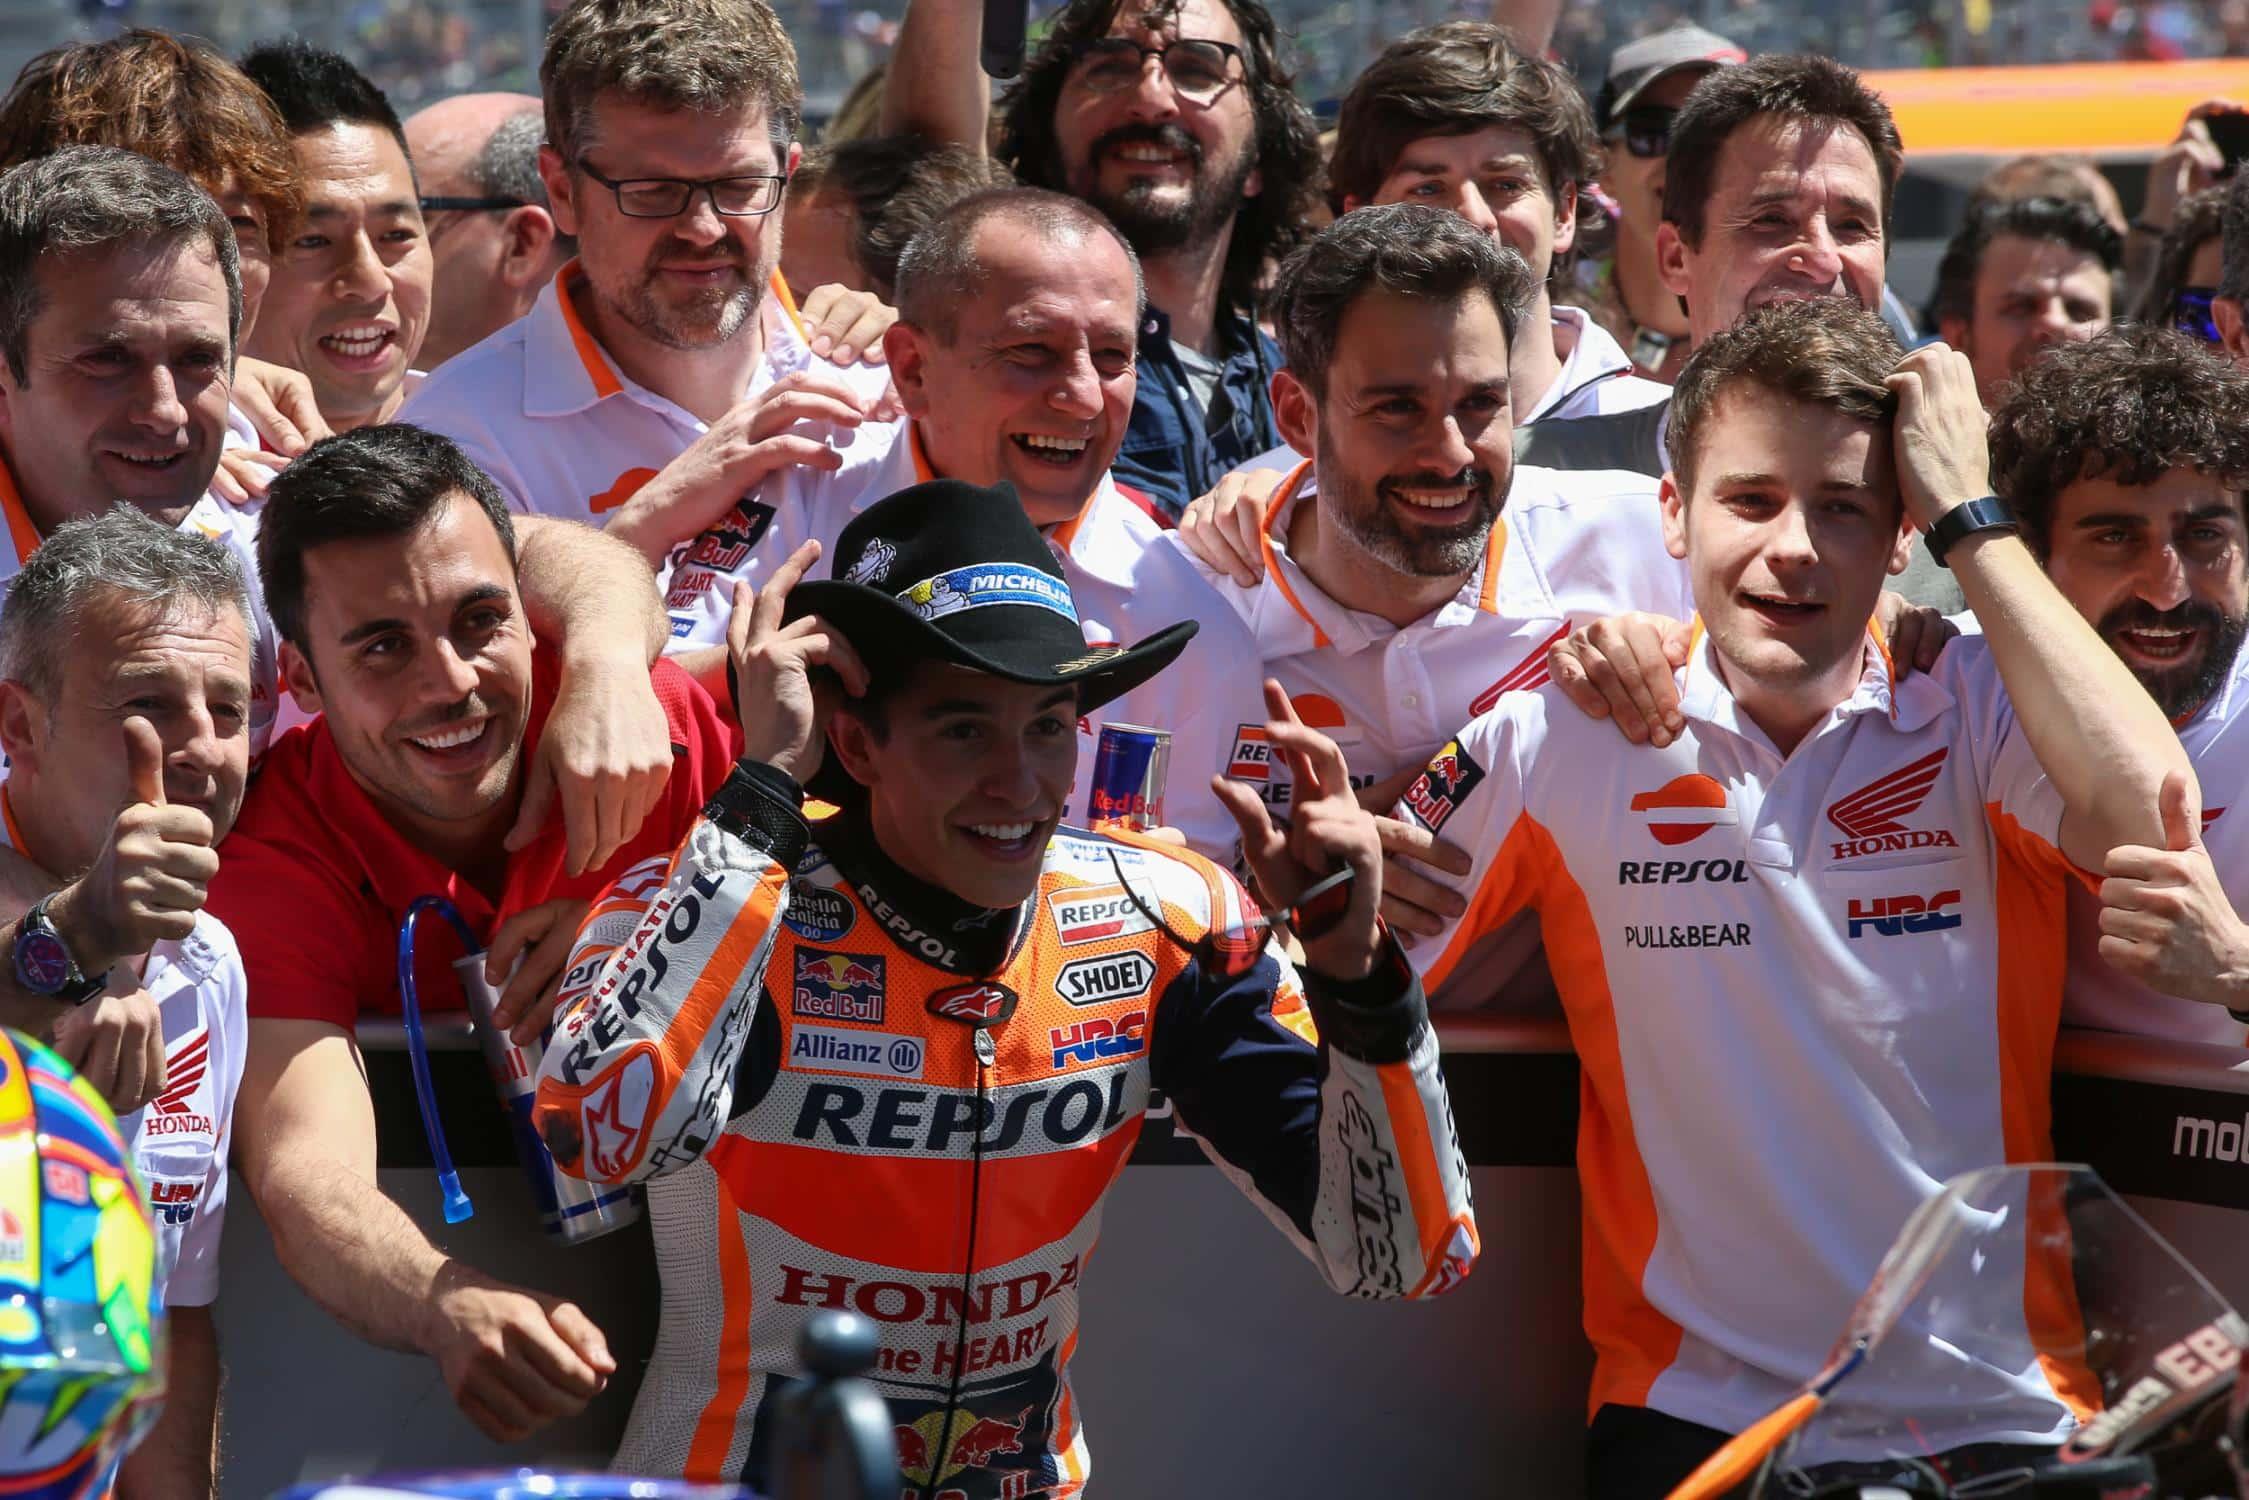 Márquez vence o MotoGP dos Estados Unidos pela 5ª vez